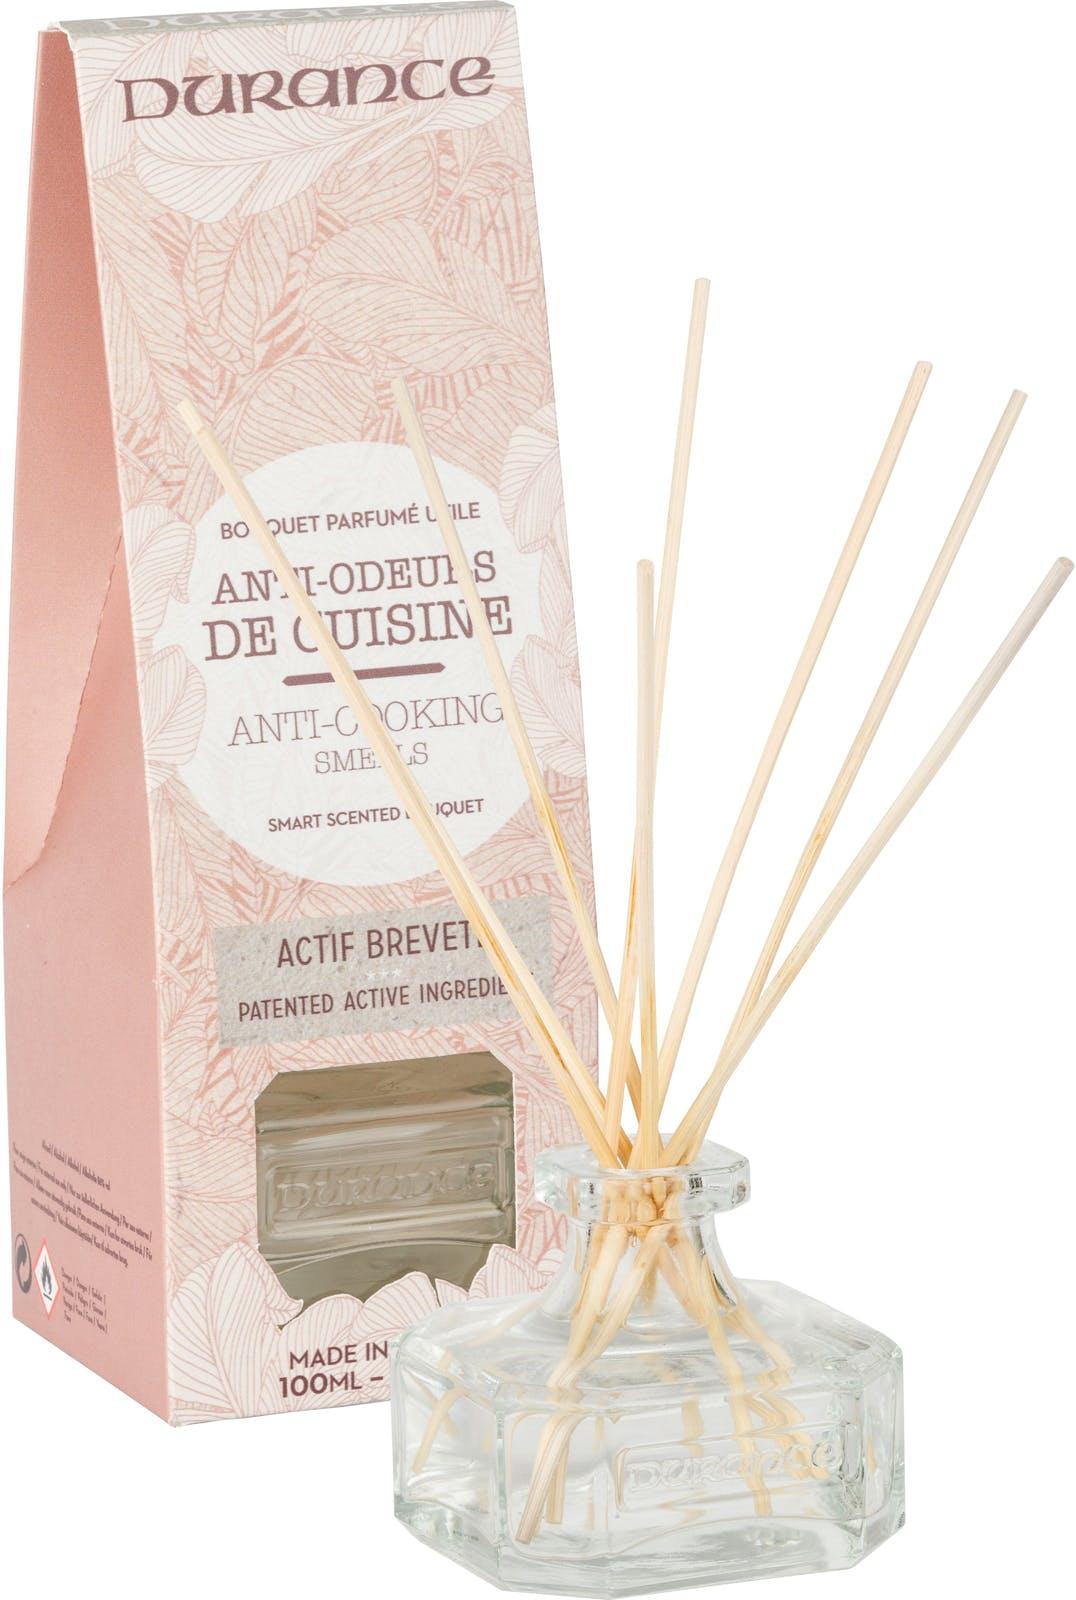 Bouquet parfumé gamme Utile Anti-odeur de Cuisine 100ml DURANCE